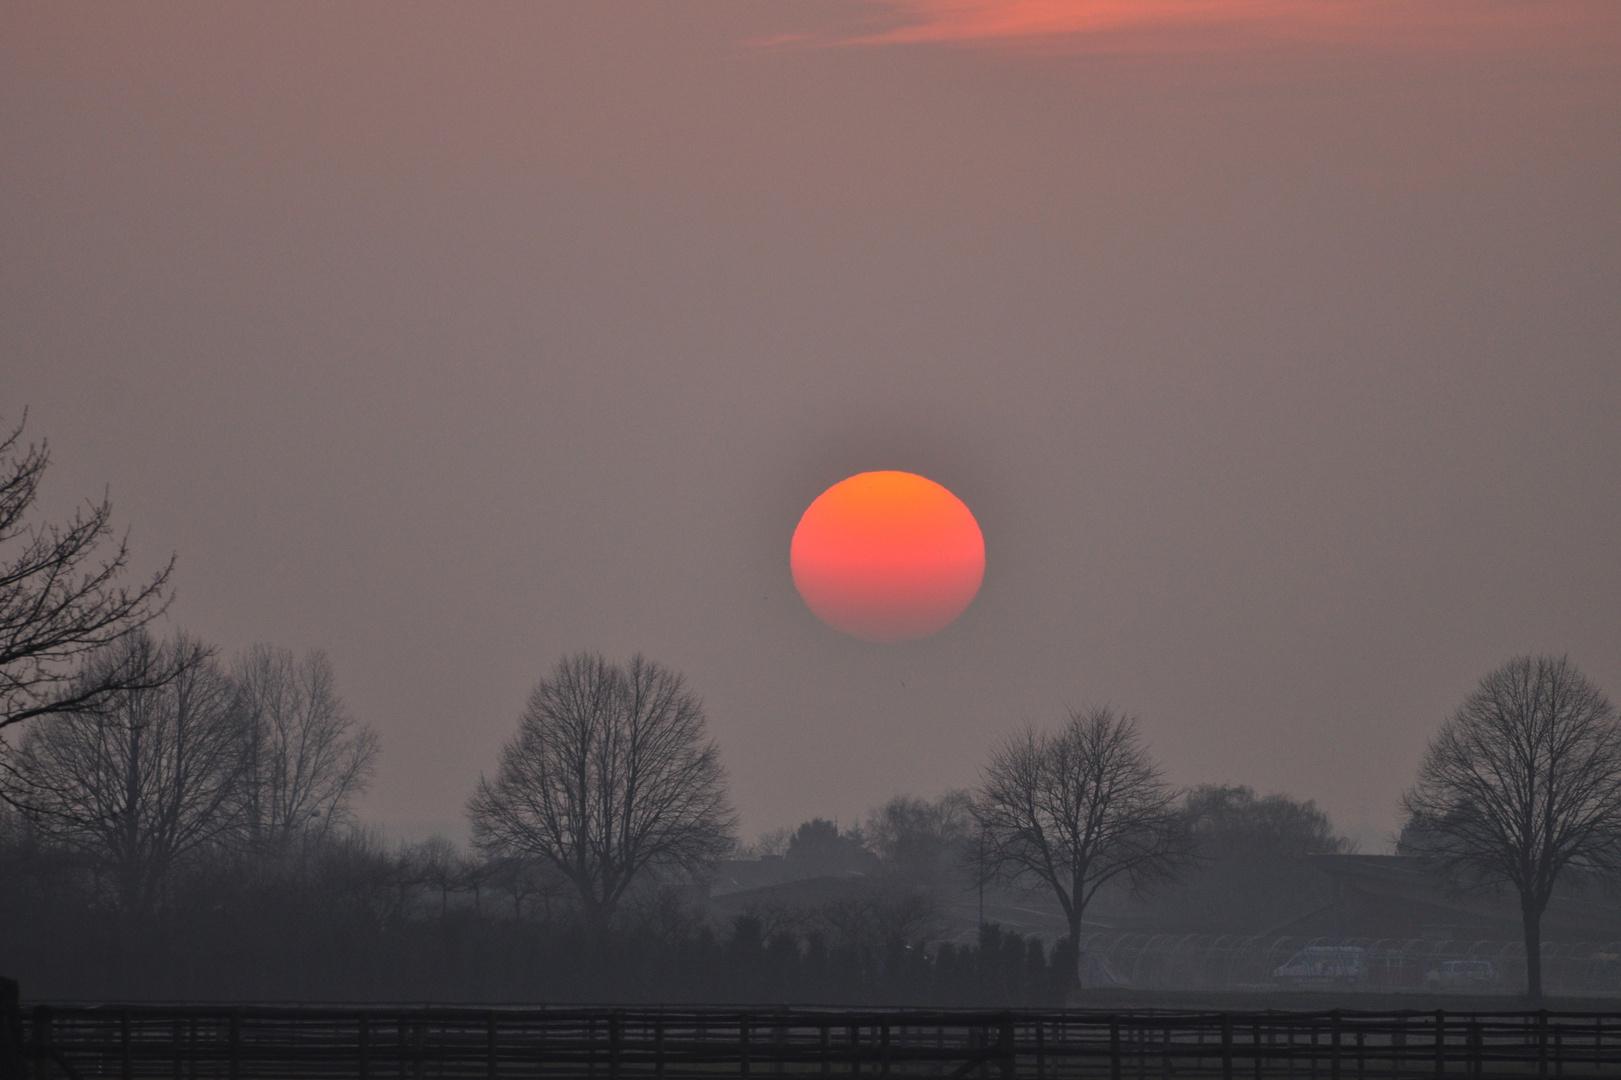 Sonnenuntergang am Niederhein